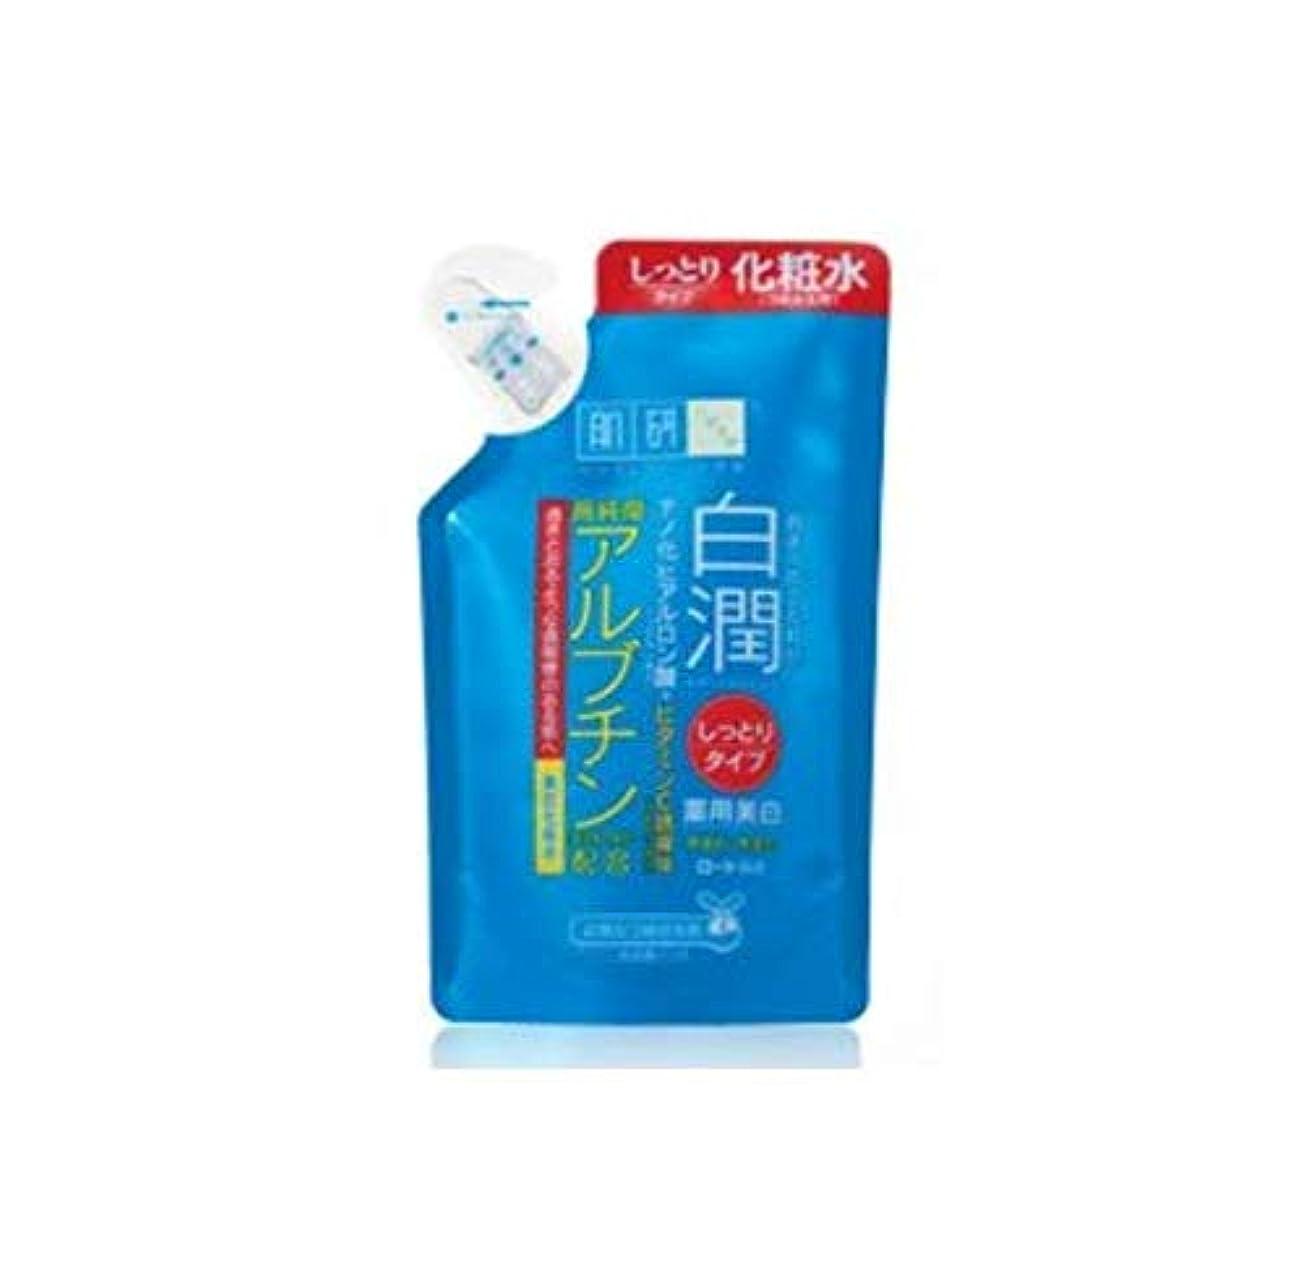 ターミナル浸透するストレッチ肌ラボ 白潤 薬用美白化粧水 しっとりタイプ つめかえ用 170mL